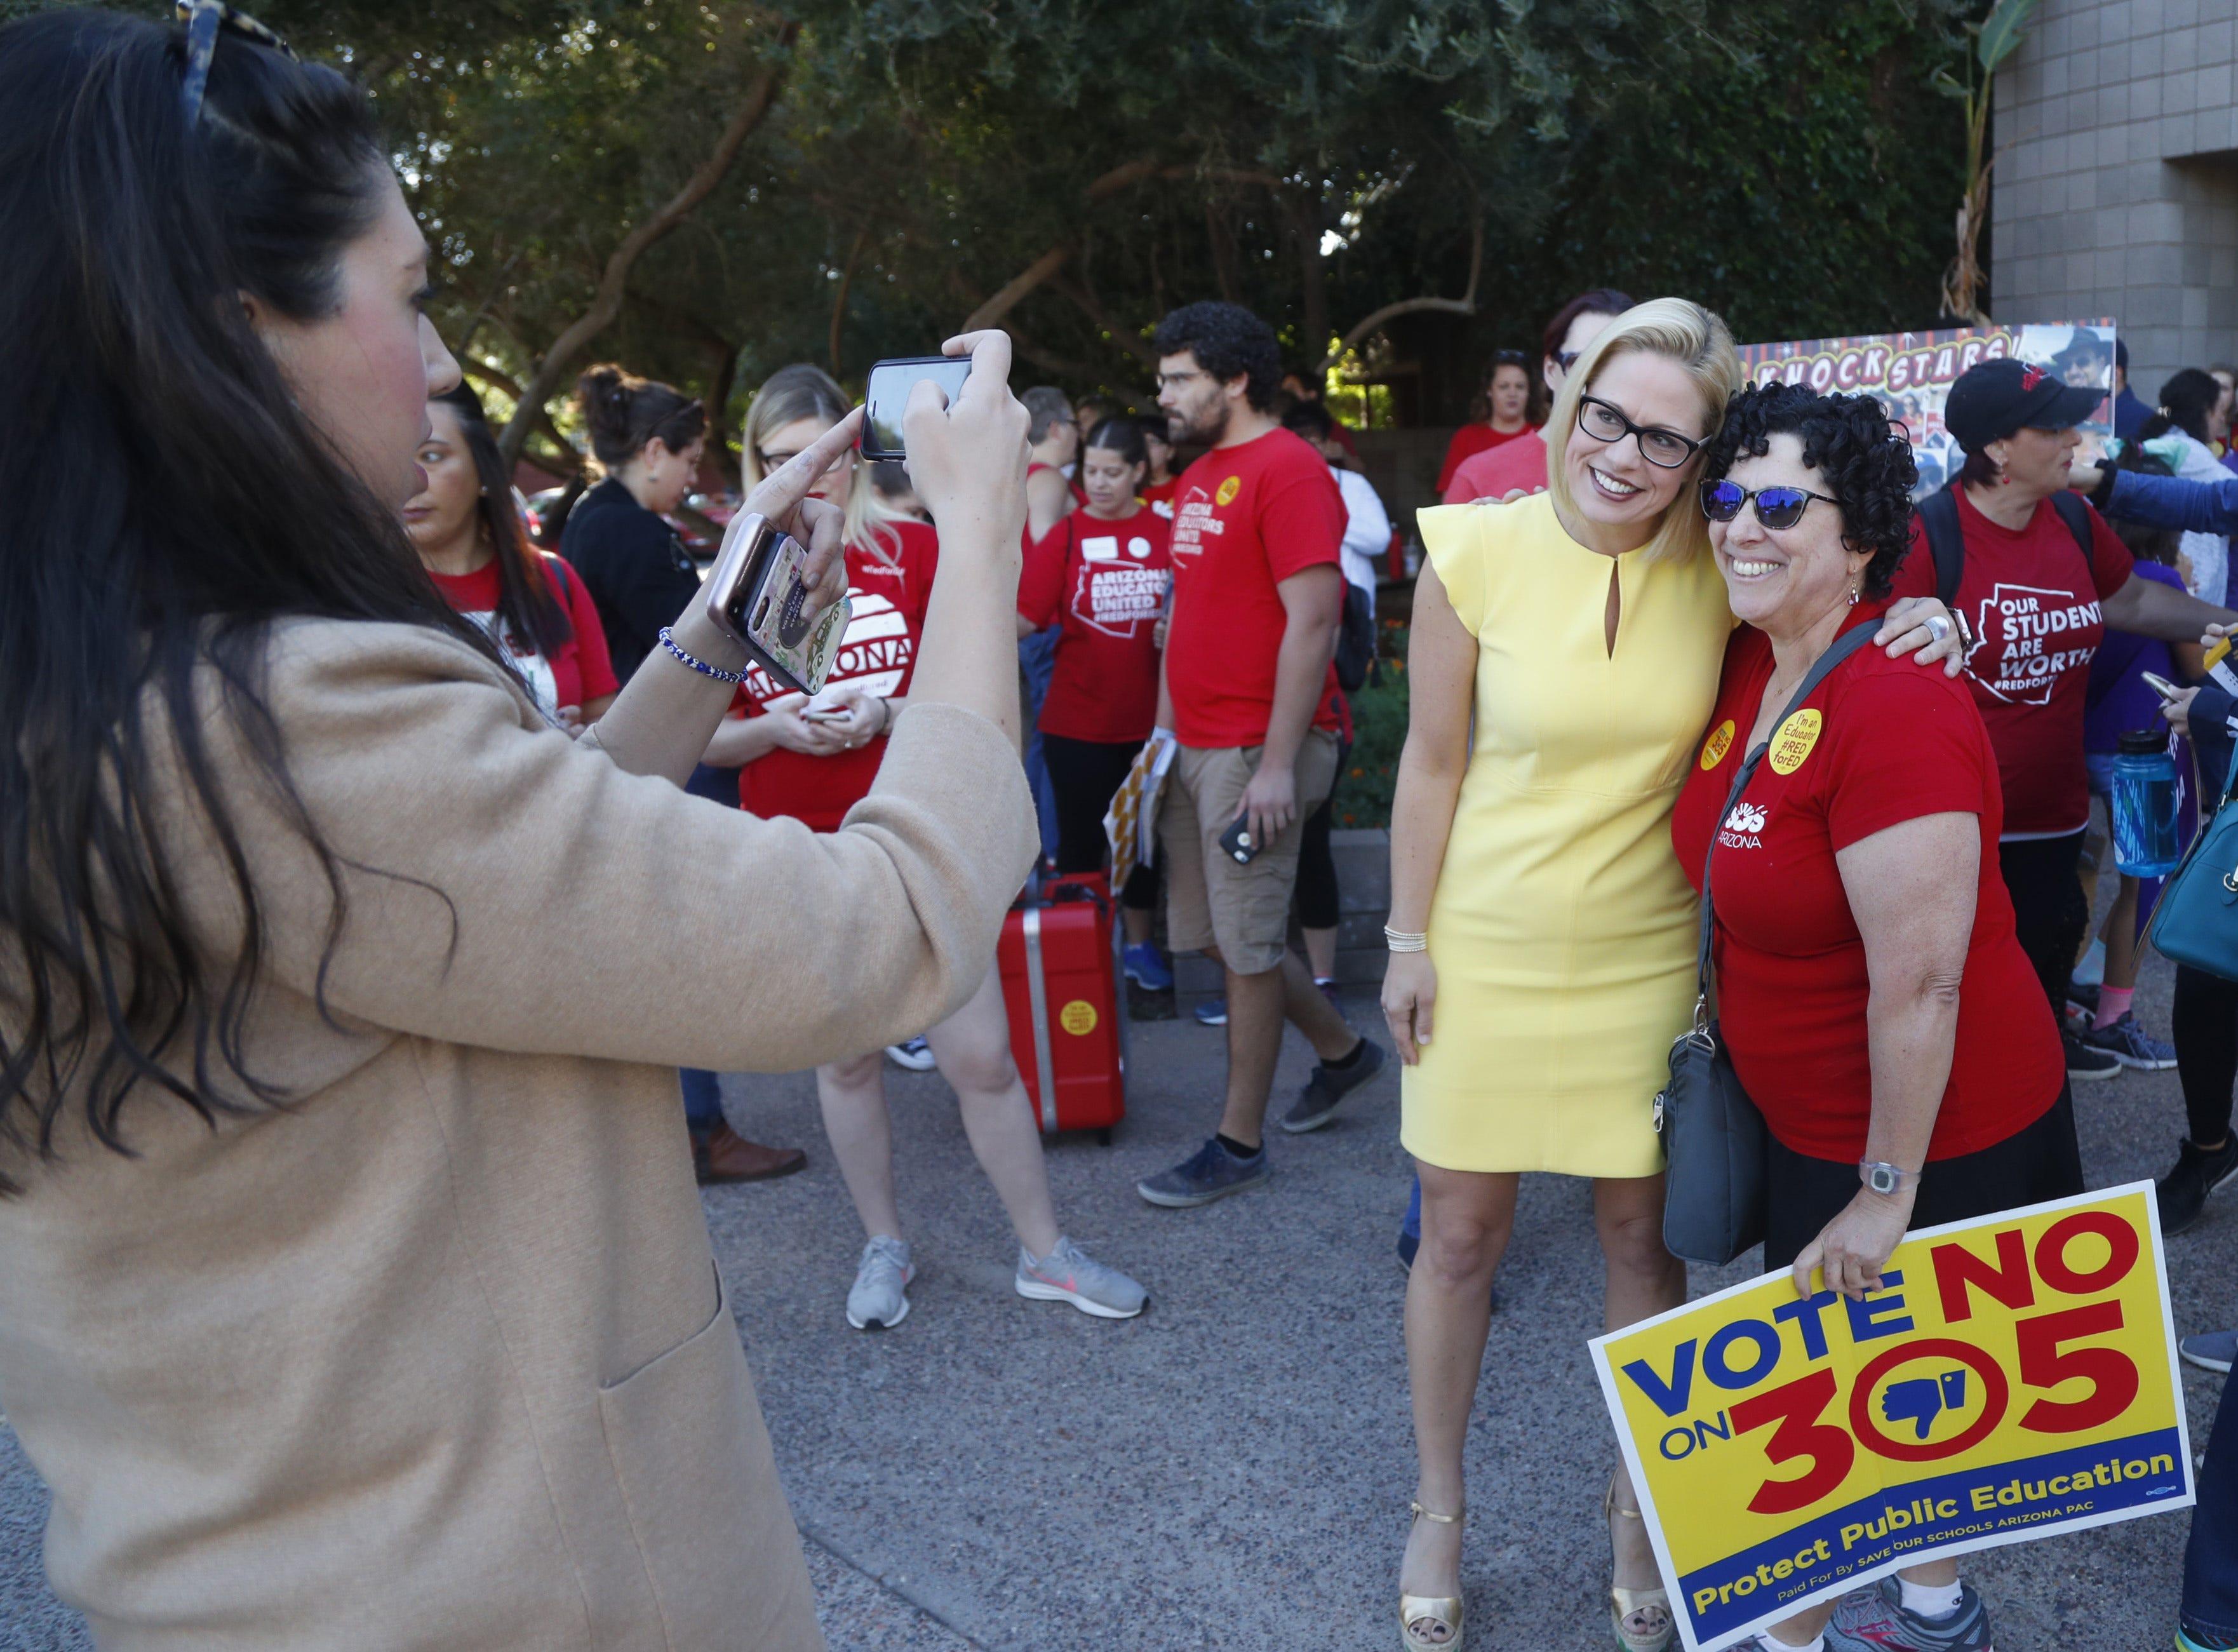 Kyrsten Sinema será la primera mujer en la historia del estado de 106 años en llegar al Senado de los Estados Unidos.